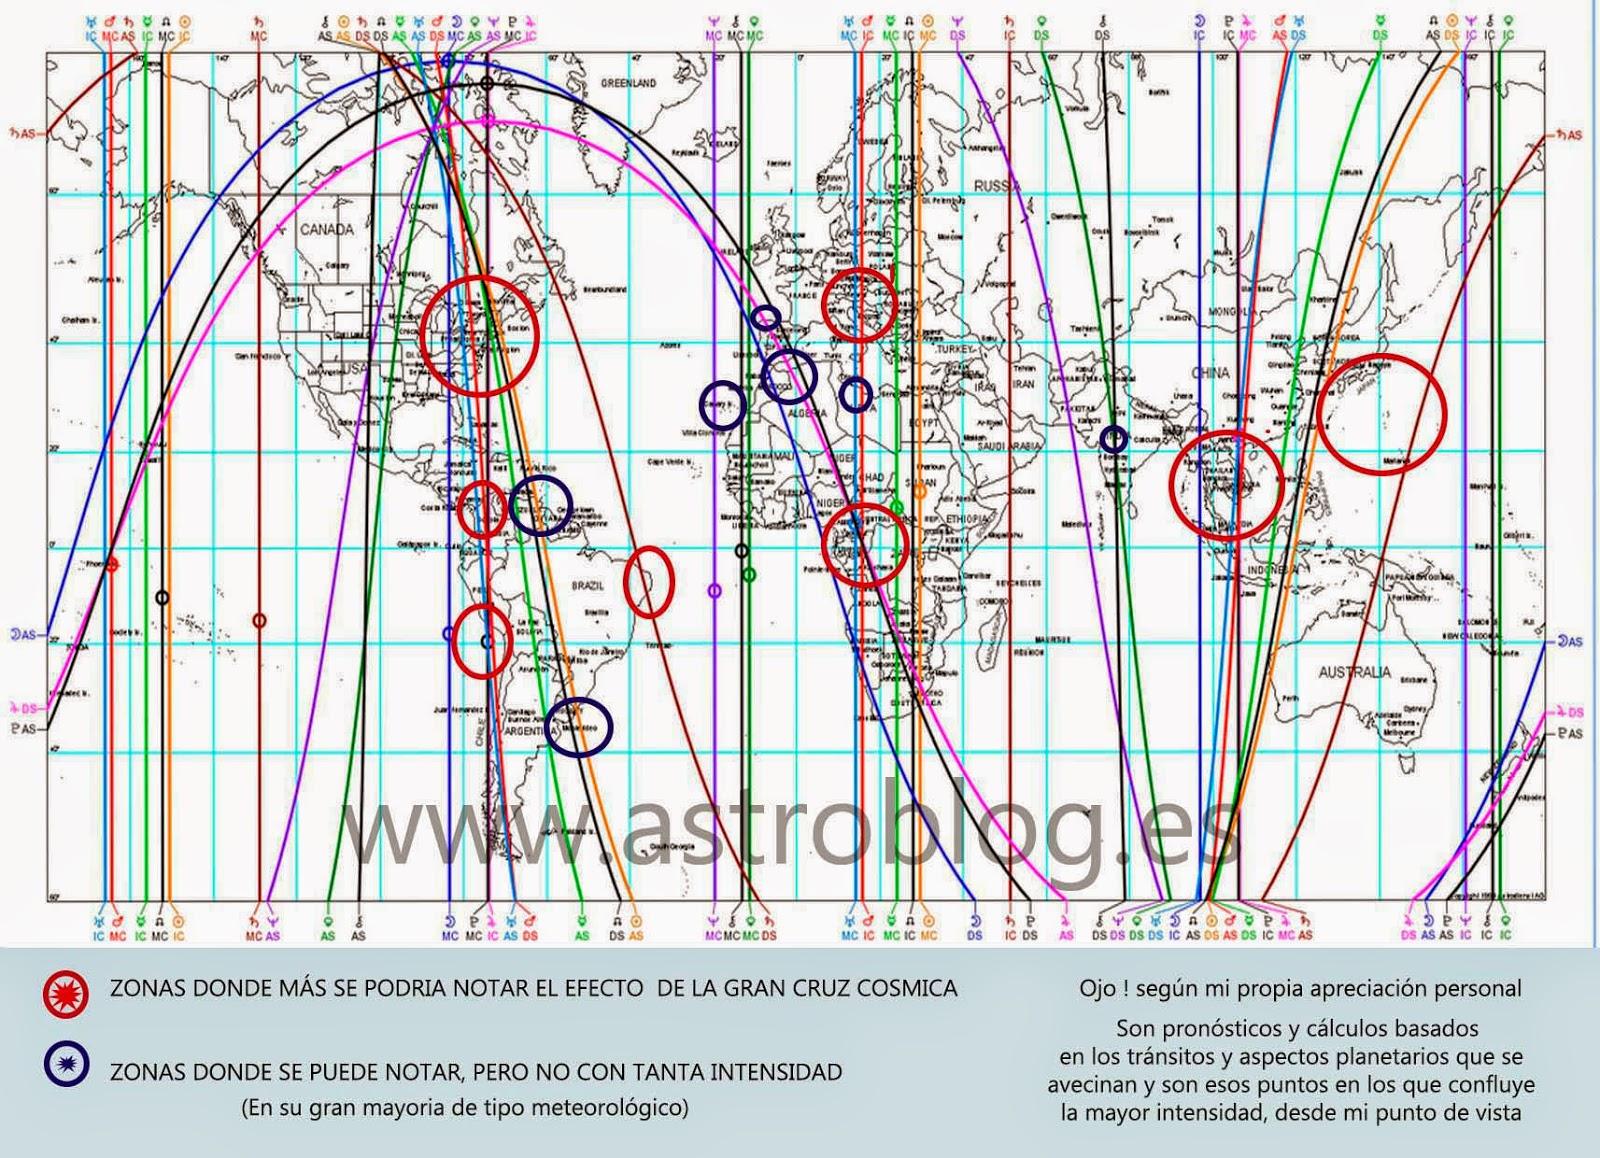 http://www.astroblog.es/4512/tiempo-de-eclipses-lunar-y-solar-en-la-gran-cruz-cosmica-%C2%BFcomo-usar-la-energia-de-su-efecto